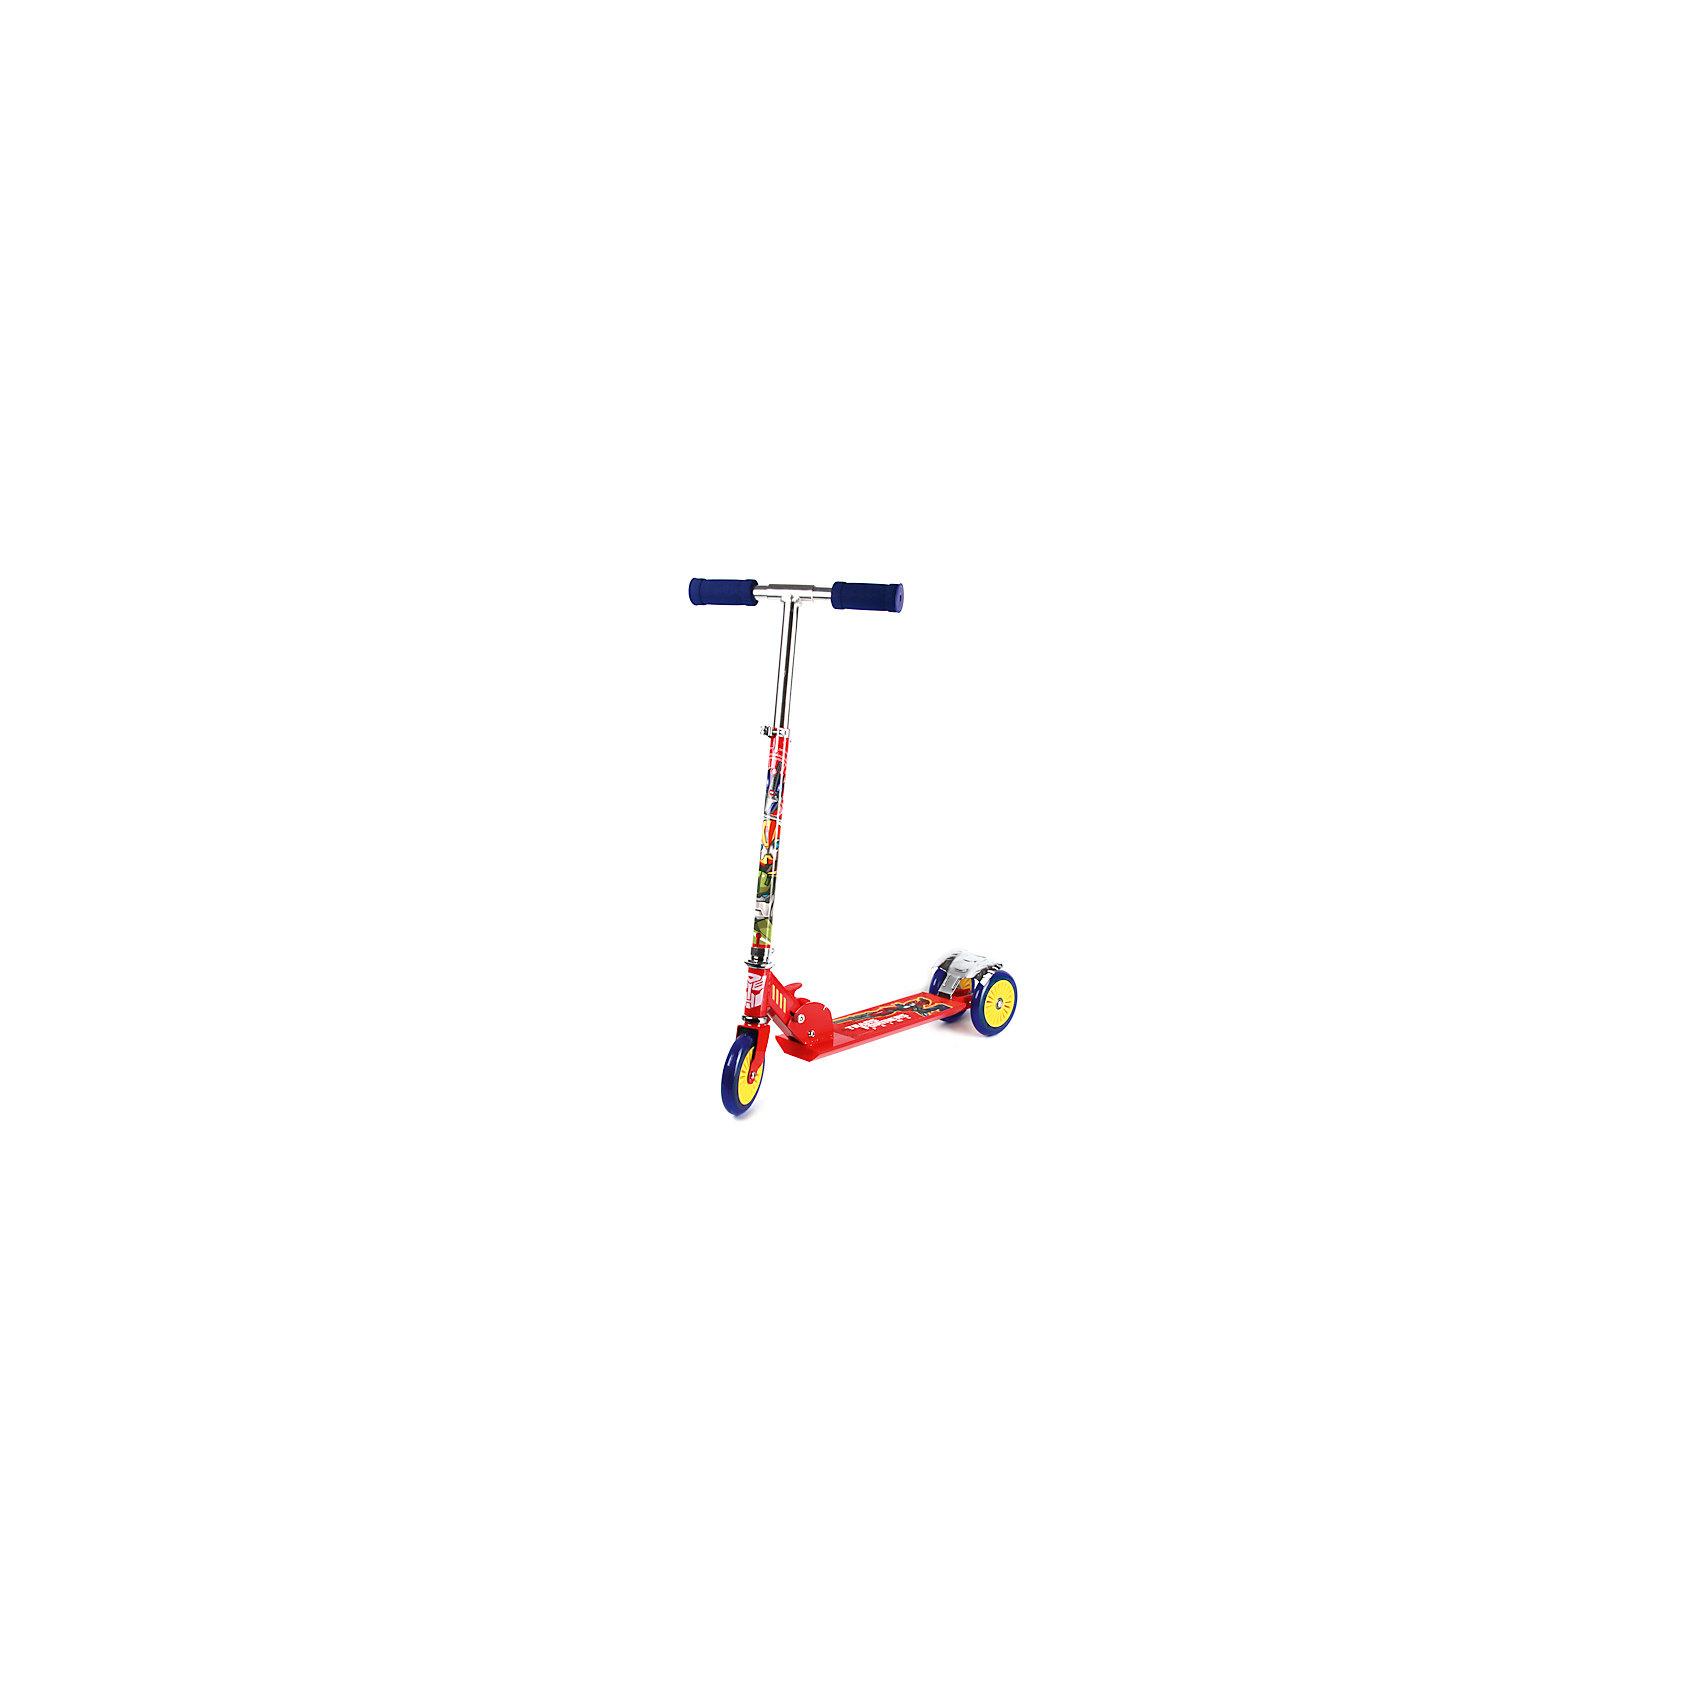 Трехколесный самокат, Трансформеры, Next, красныйТрансформеры<br>Характеристики товара:<br><br>• цвет: красный<br>• принт: Трансформеры<br>• механизм: складной<br>• высококачественные полиуретановые pu колеса: 120 мм<br>• усиленная платформа с противоскользящей поверхностью, 34х9,5 см<br>• высокоточный подшипник abec-5<br>• 3 положения высоты руля<br>• материал: алюминий, полипропилен<br>• мягкие резиновые ручки<br>• тормоз заднего колеса<br>• максимальная нагрузка - 50 кг<br>• вес: 2850гр.<br>• размер: 33х67х83 см<br>• возраст: от 3 лет<br><br>Трехколесный самокат Трансформеры, Next можно приобрести в нашем интернет-магазине.<br><br>Ширина мм: 330<br>Глубина мм: 670<br>Высота мм: 830<br>Вес г: 2850<br>Возраст от месяцев: 36<br>Возраст до месяцев: 96<br>Пол: Мужской<br>Возраст: Детский<br>SKU: 5528135